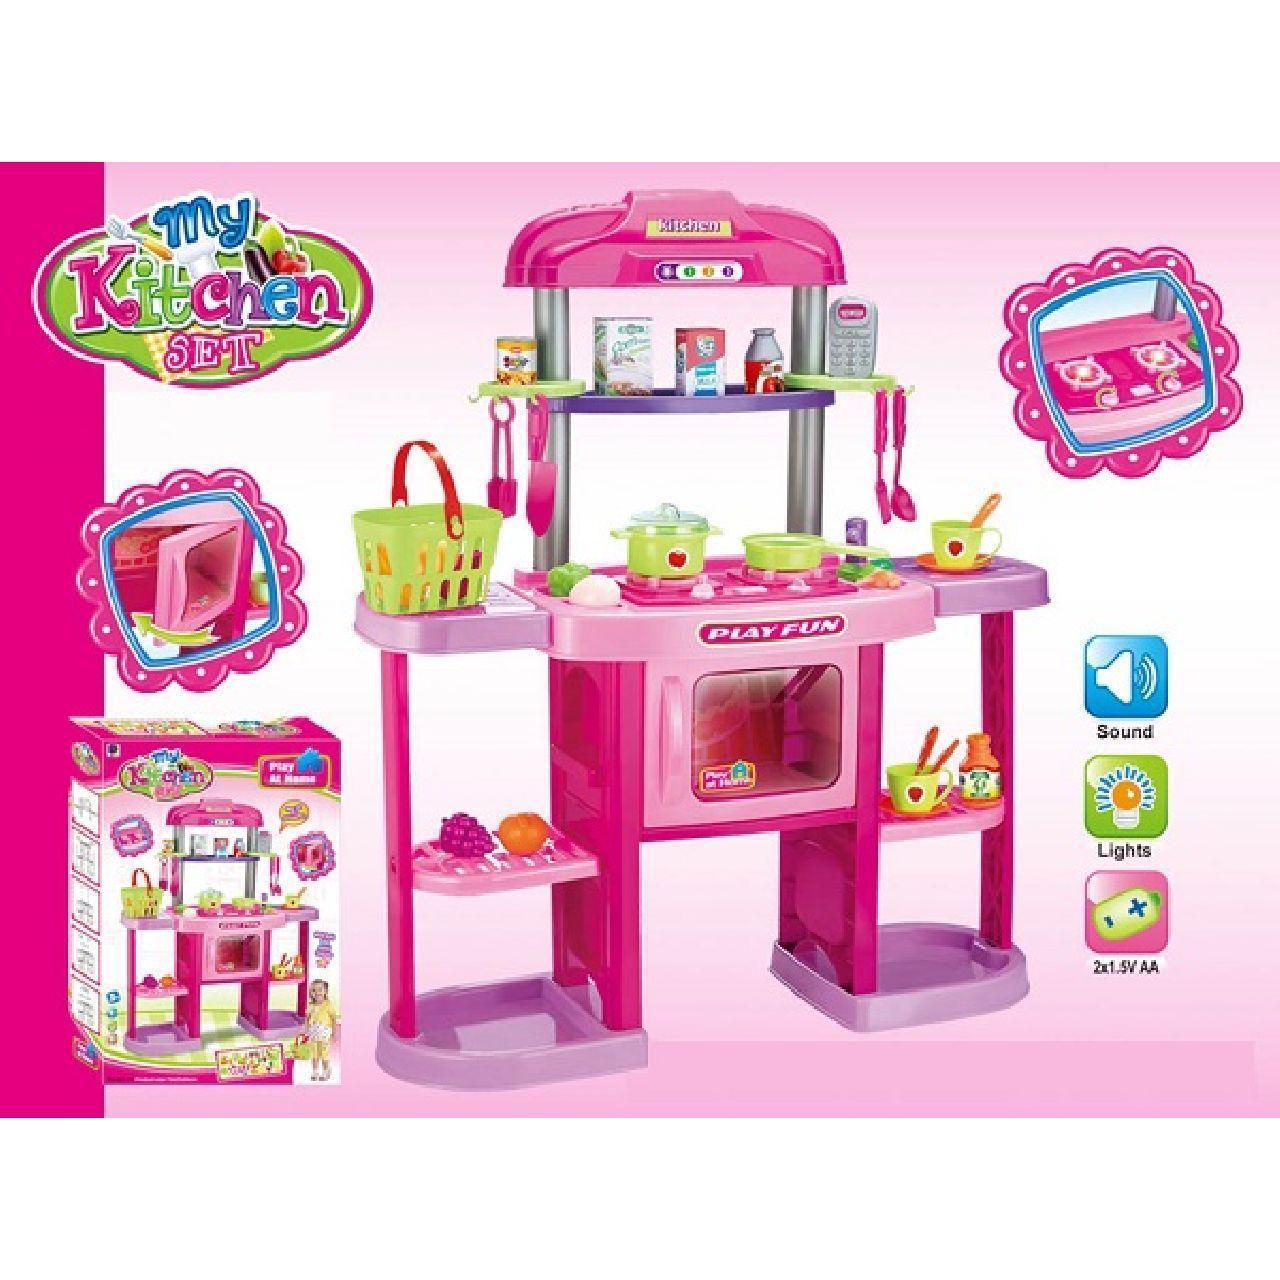 Дитячий інтерактивний набір Кухня 661-75